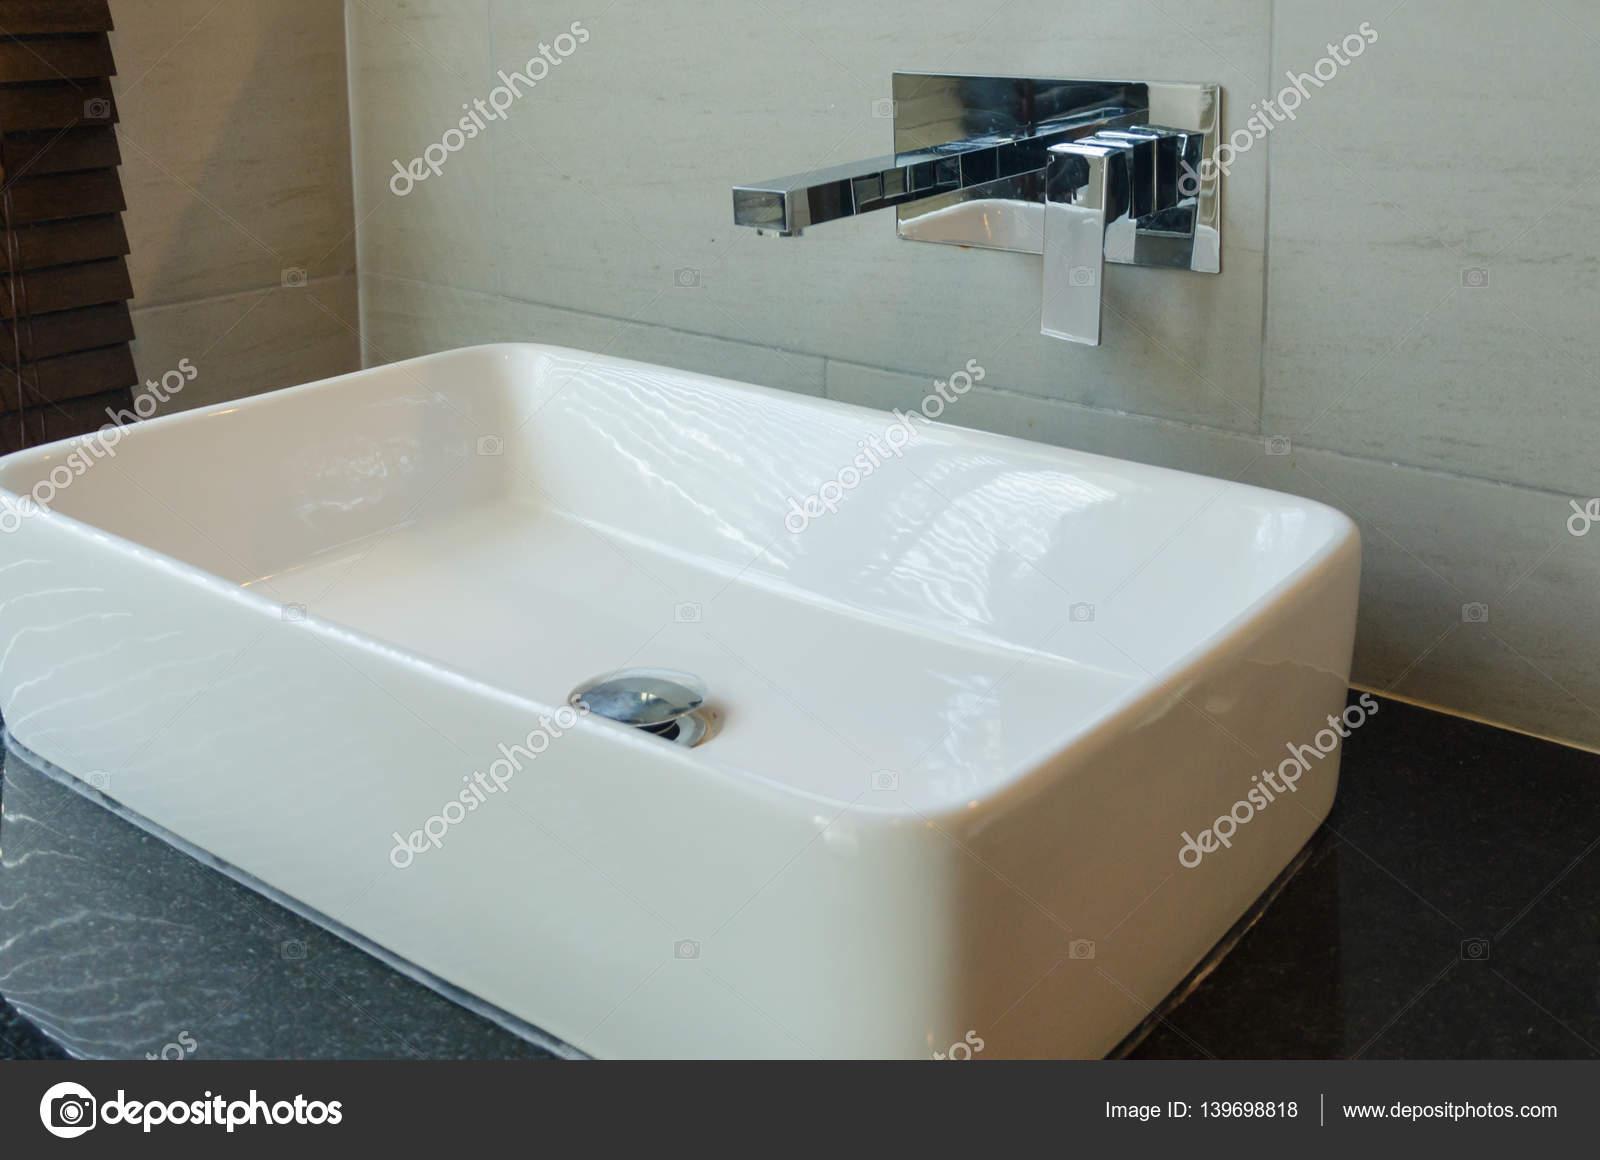 Lavandini Bagno Moderno Bianco Foto Stock C Aoo8449 139698818